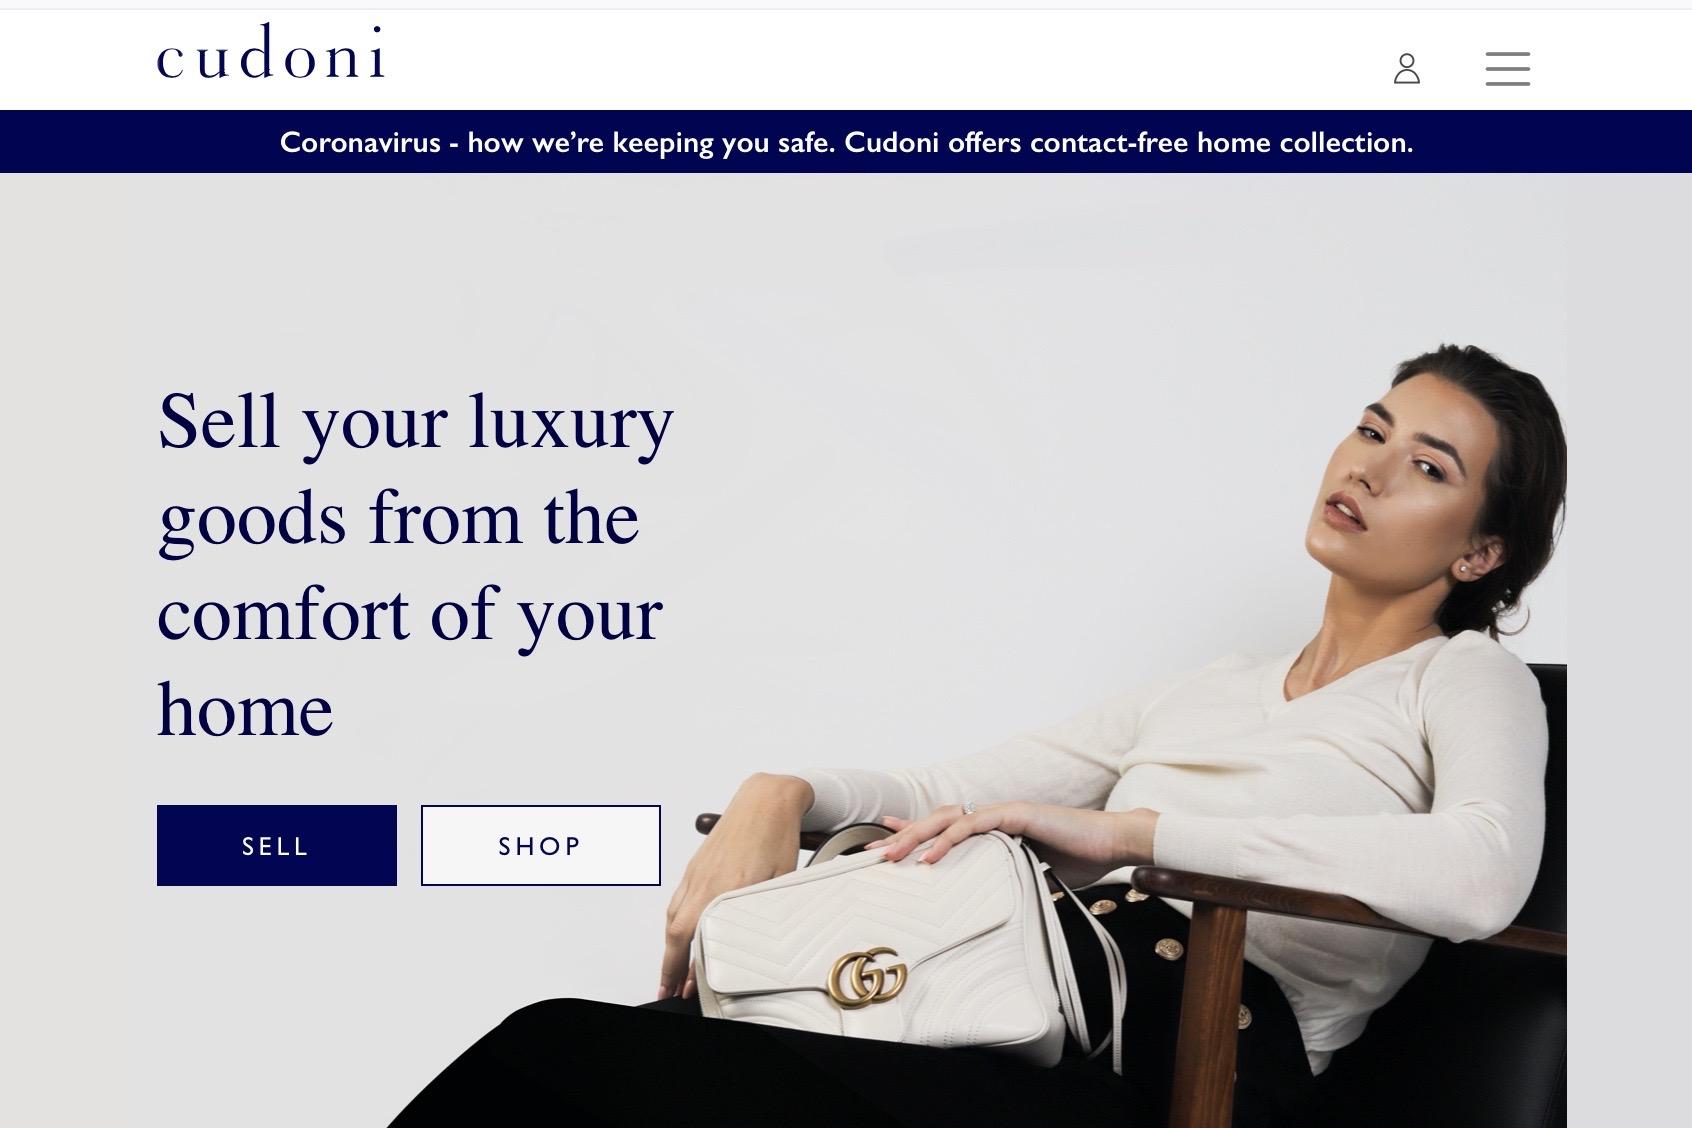 二手奢侈品转售平台 Cudoni 获国际投资者460万英镑投资